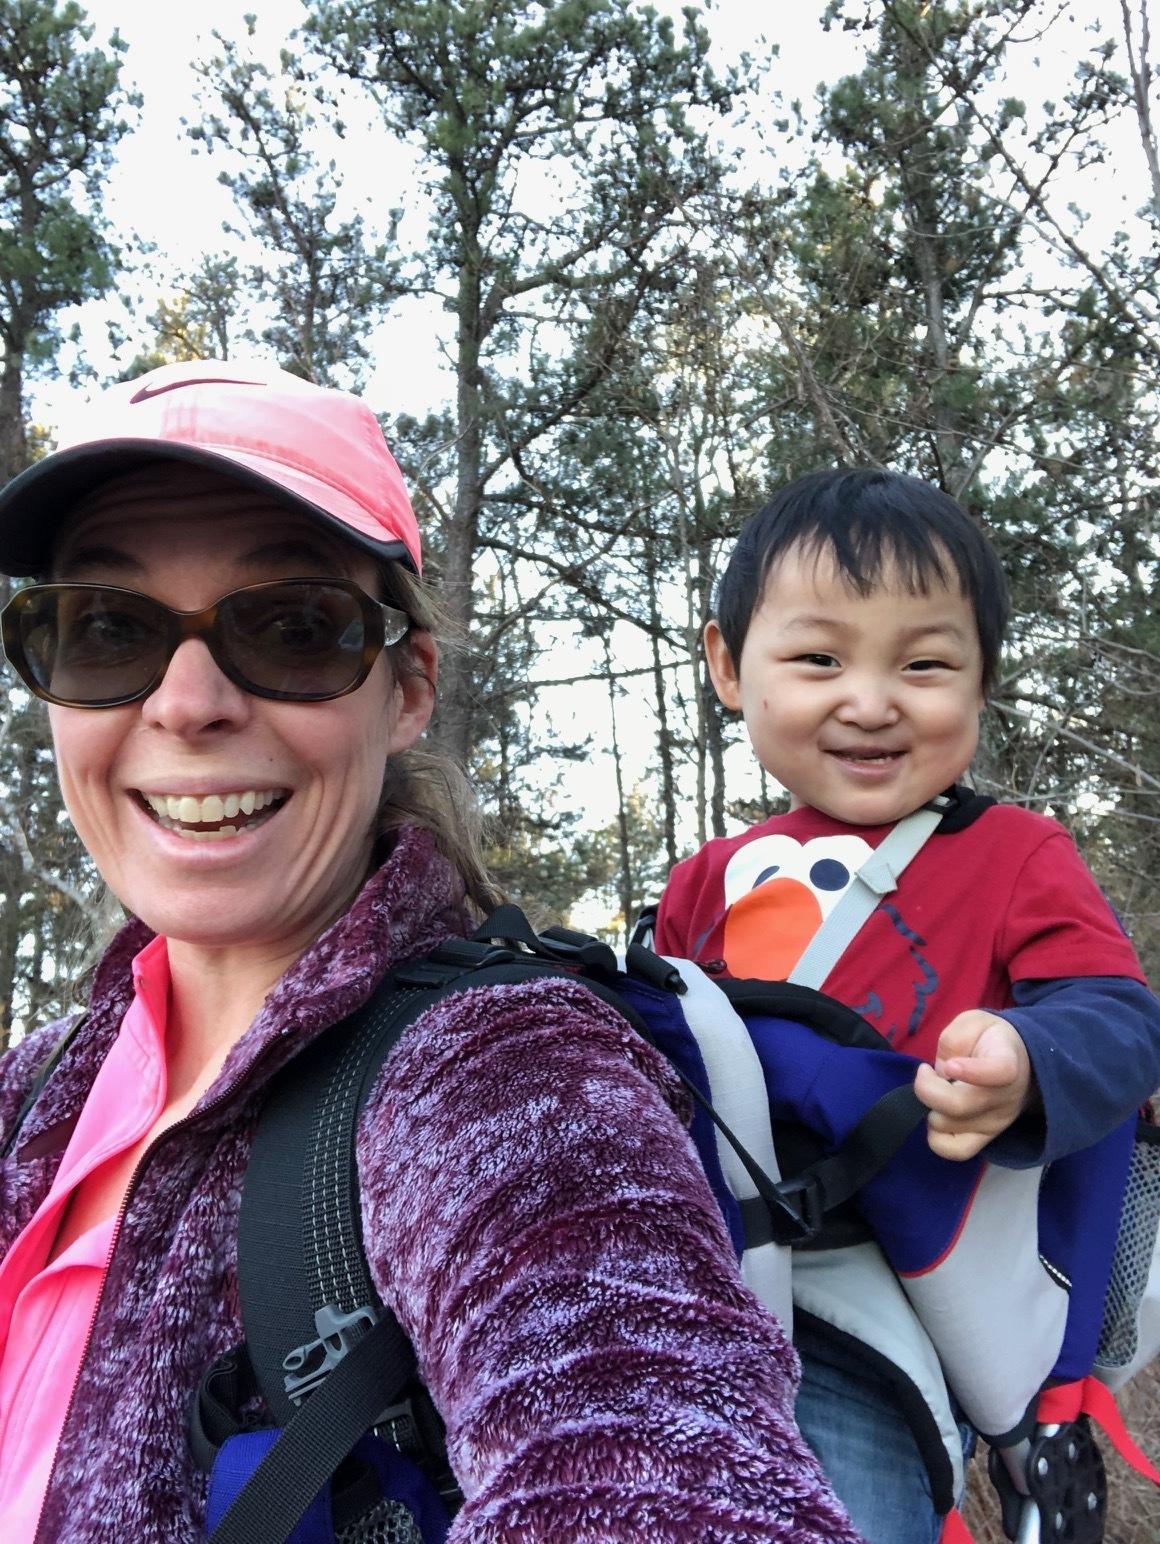 Luke loves to go hiking.